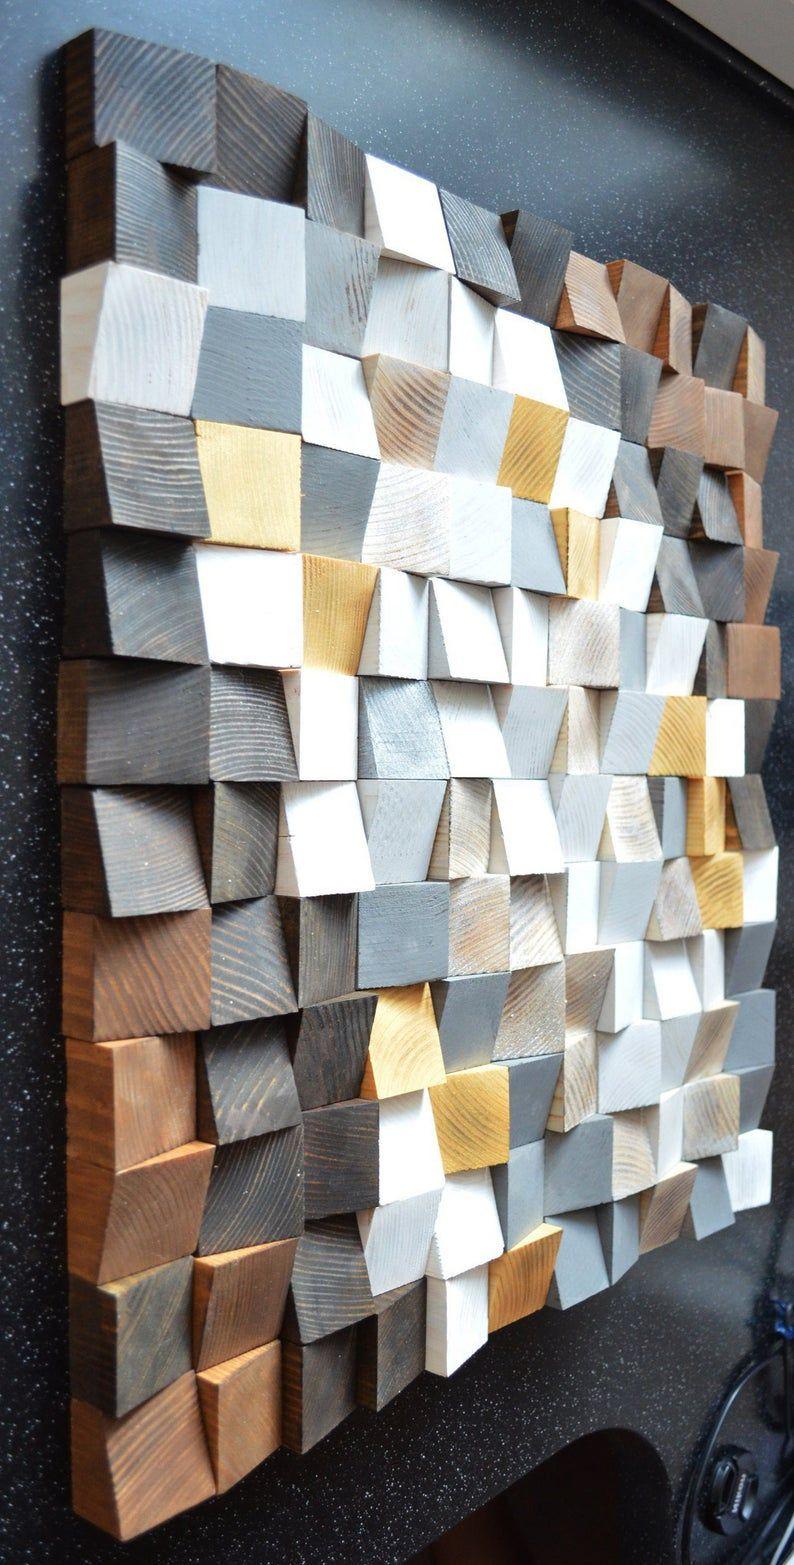 Geometrische HolzWandKunst, zurückgefordert Holzkunst, MosaikHolzKunst, geometrische Wandkunst, rustikale Holzkunst, Holzkunst, Holzplatte is part of Reclaimed wood art, Wood wall art diy, Geometric wall art, Wood art, Wood wall art, Geometric wall -  1'' (2,5cm) ändern  Kunstpaneele aus dem Holzsägeschnitt passen perfekt in das Innere Ihres Büros, Zu Hause, Wohnungen  EcoStil, ein Stück Natur wird den Raum Ihres Interieurs erfrischen  Naturholz wird getrocknet und in Segmente gesägt, die mit natürlichen Ölen einzeln in verschiedenen Farben getönt sind  Dann mit Wachs überzogen  Mosaik aus Kiefernelementen, die am Sperrholz befestigt sind  Jeder wurde von Hand geschnitten und bemalt, so dass das Stück einzigartig ist und nie eine identische Kopie haben wird